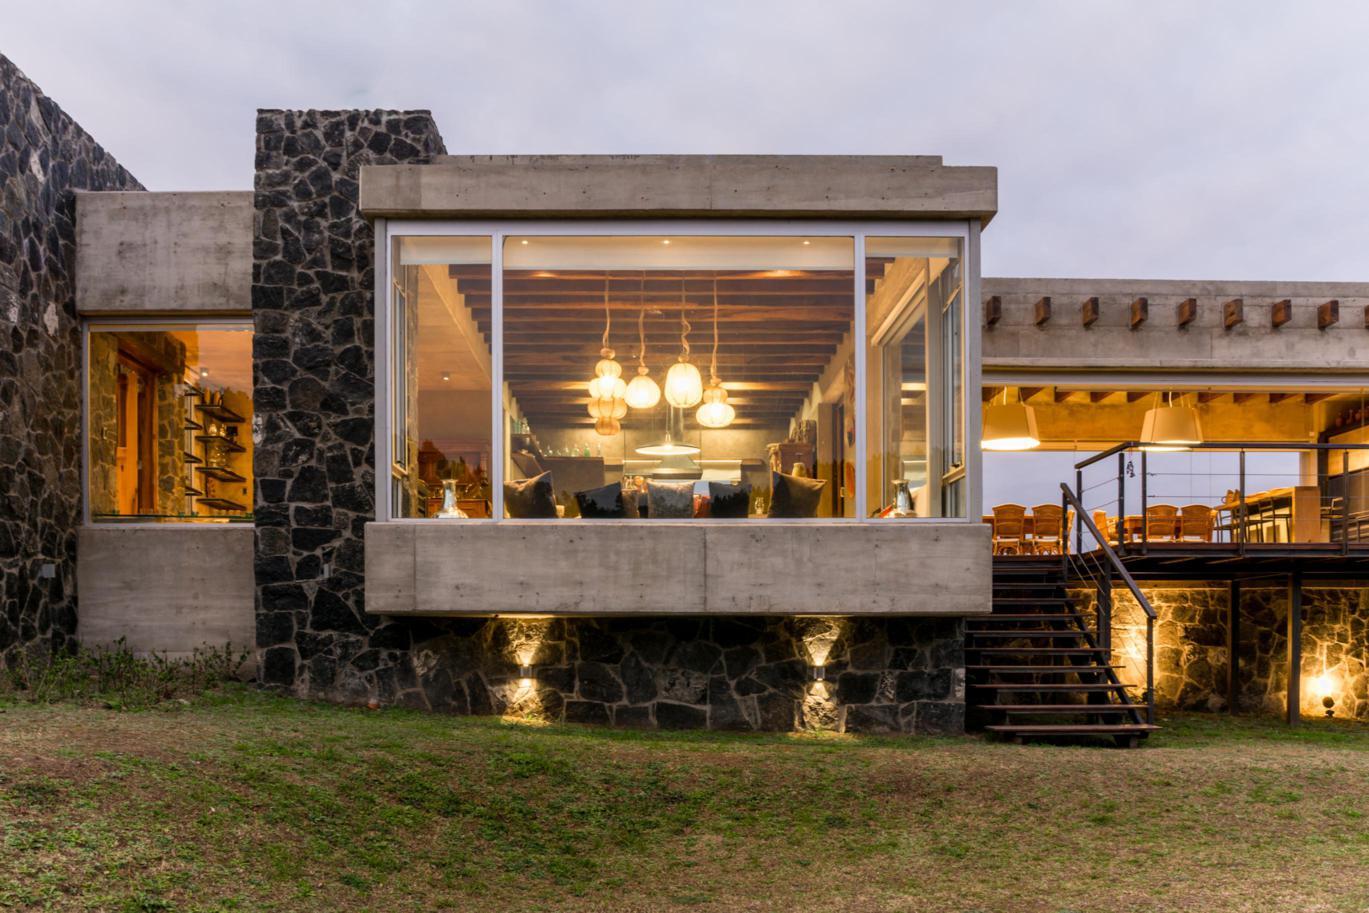 Casa Rio M ph 3 G Viramonte 175_1369x913